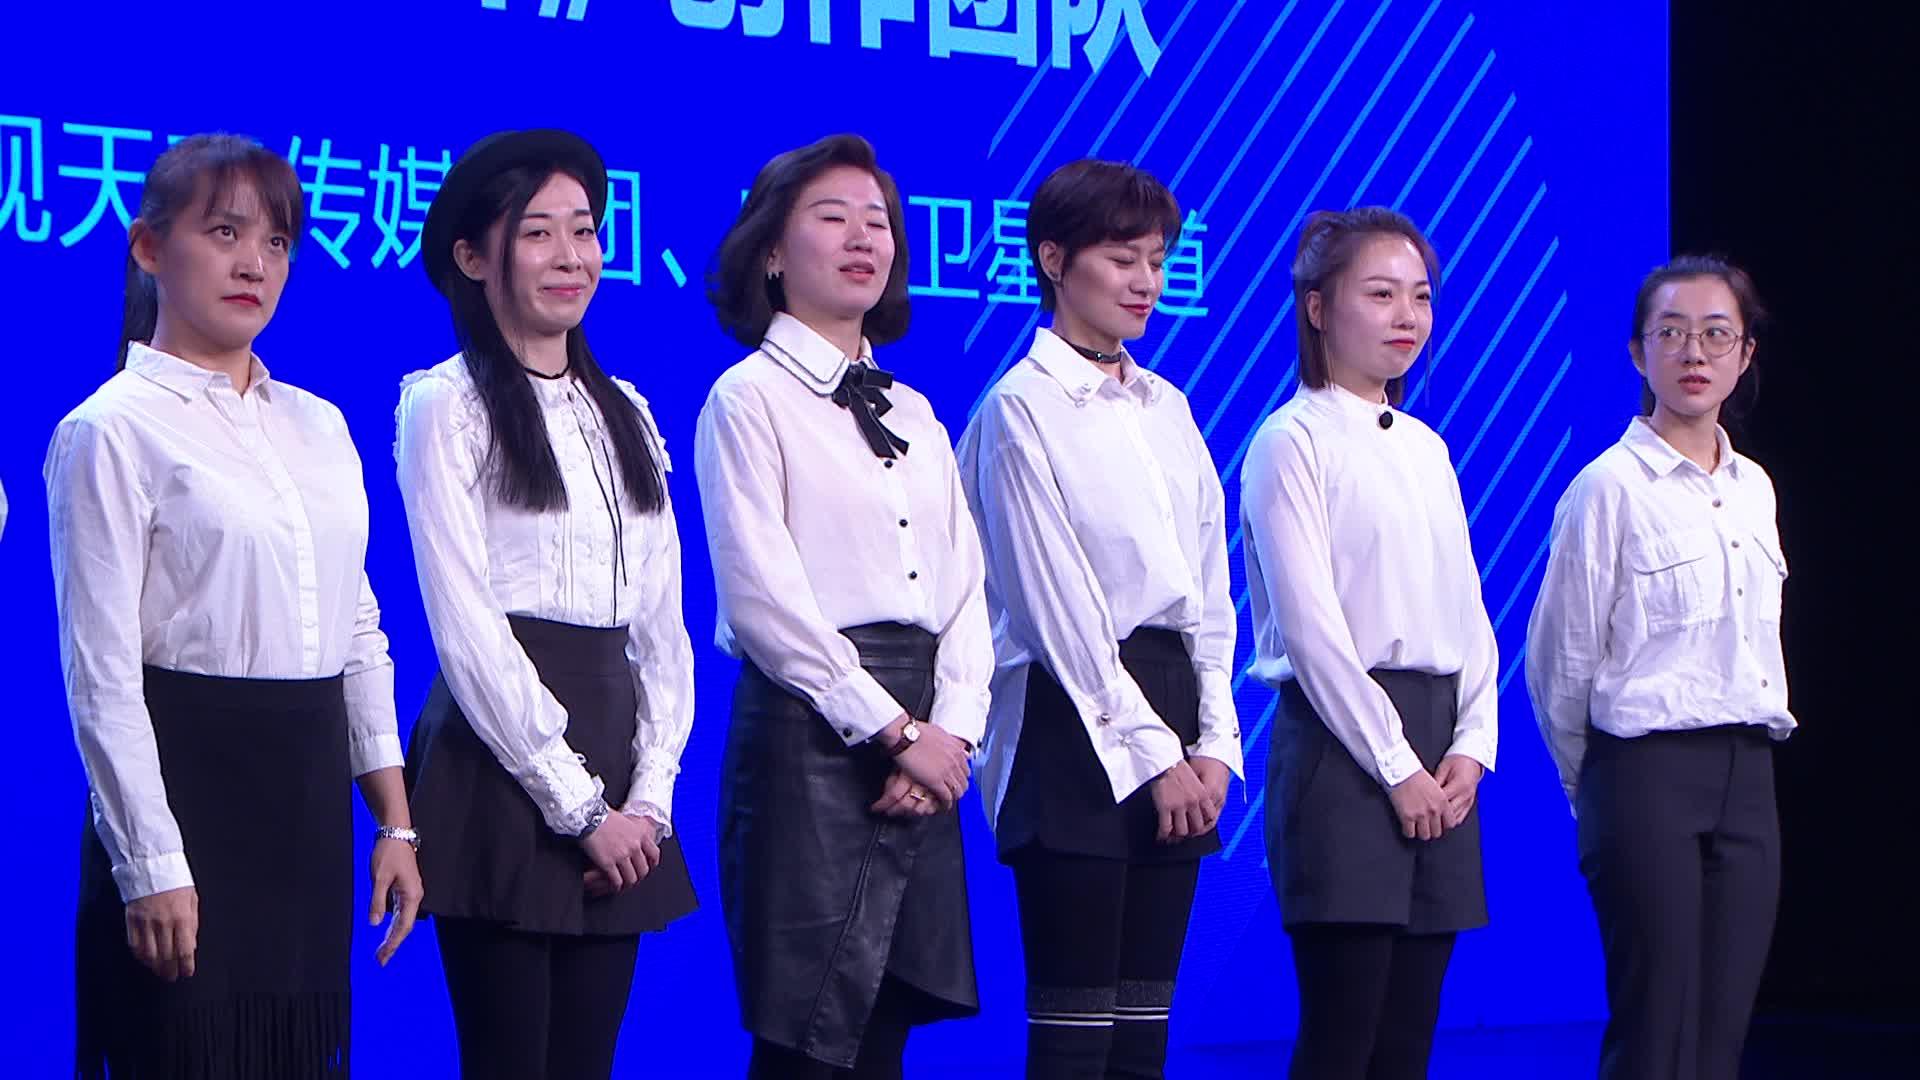 中宣部、国家广电总局表扬的节目《传家宝里的新中国》创作团队